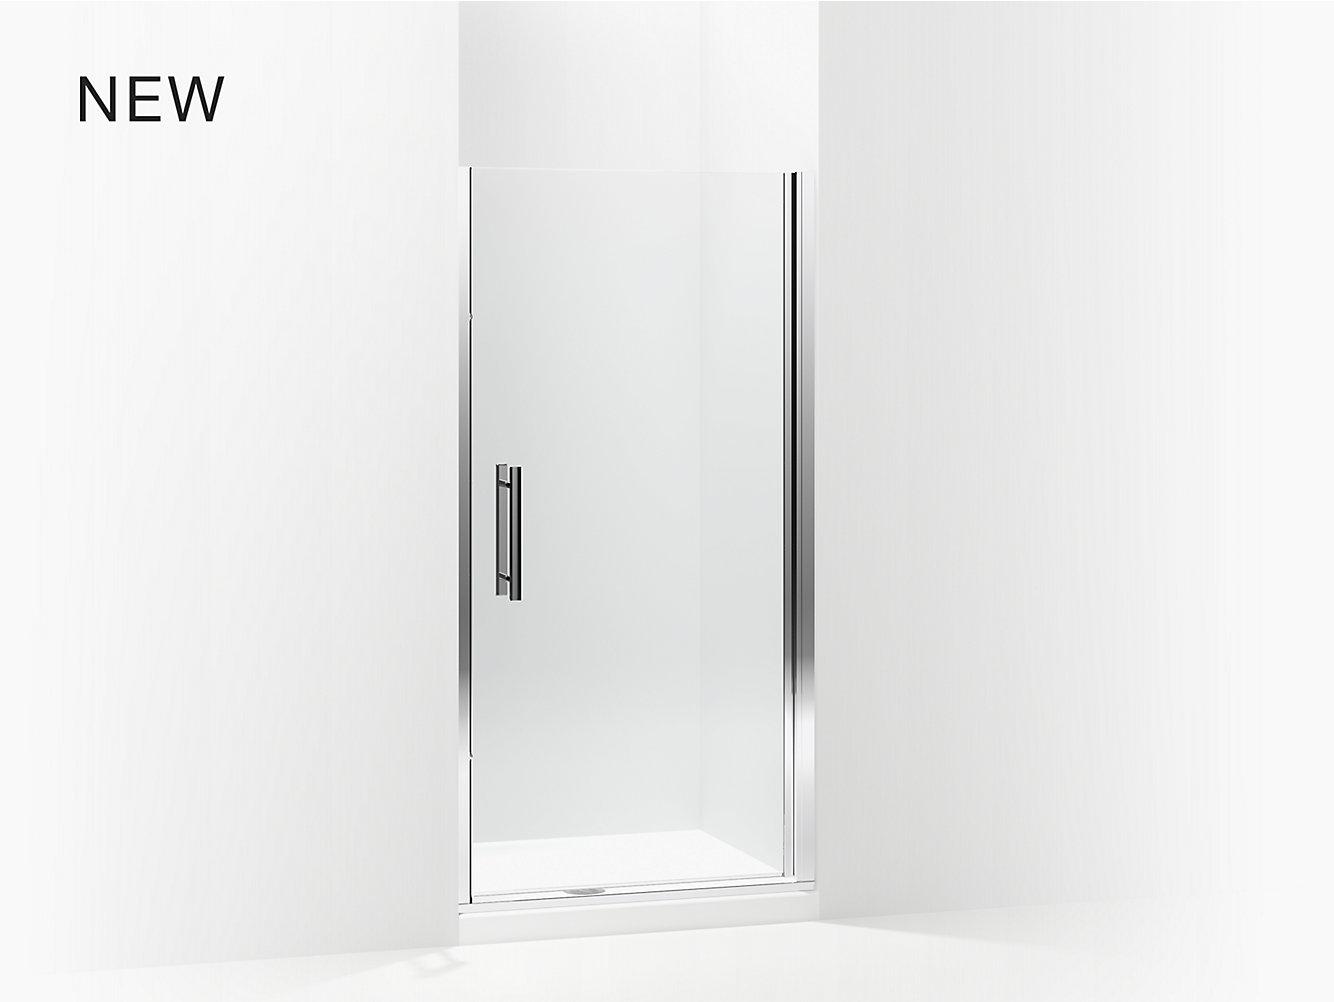 Finesse Peakr Swinging Shower Door Height 67 Max Opening 36